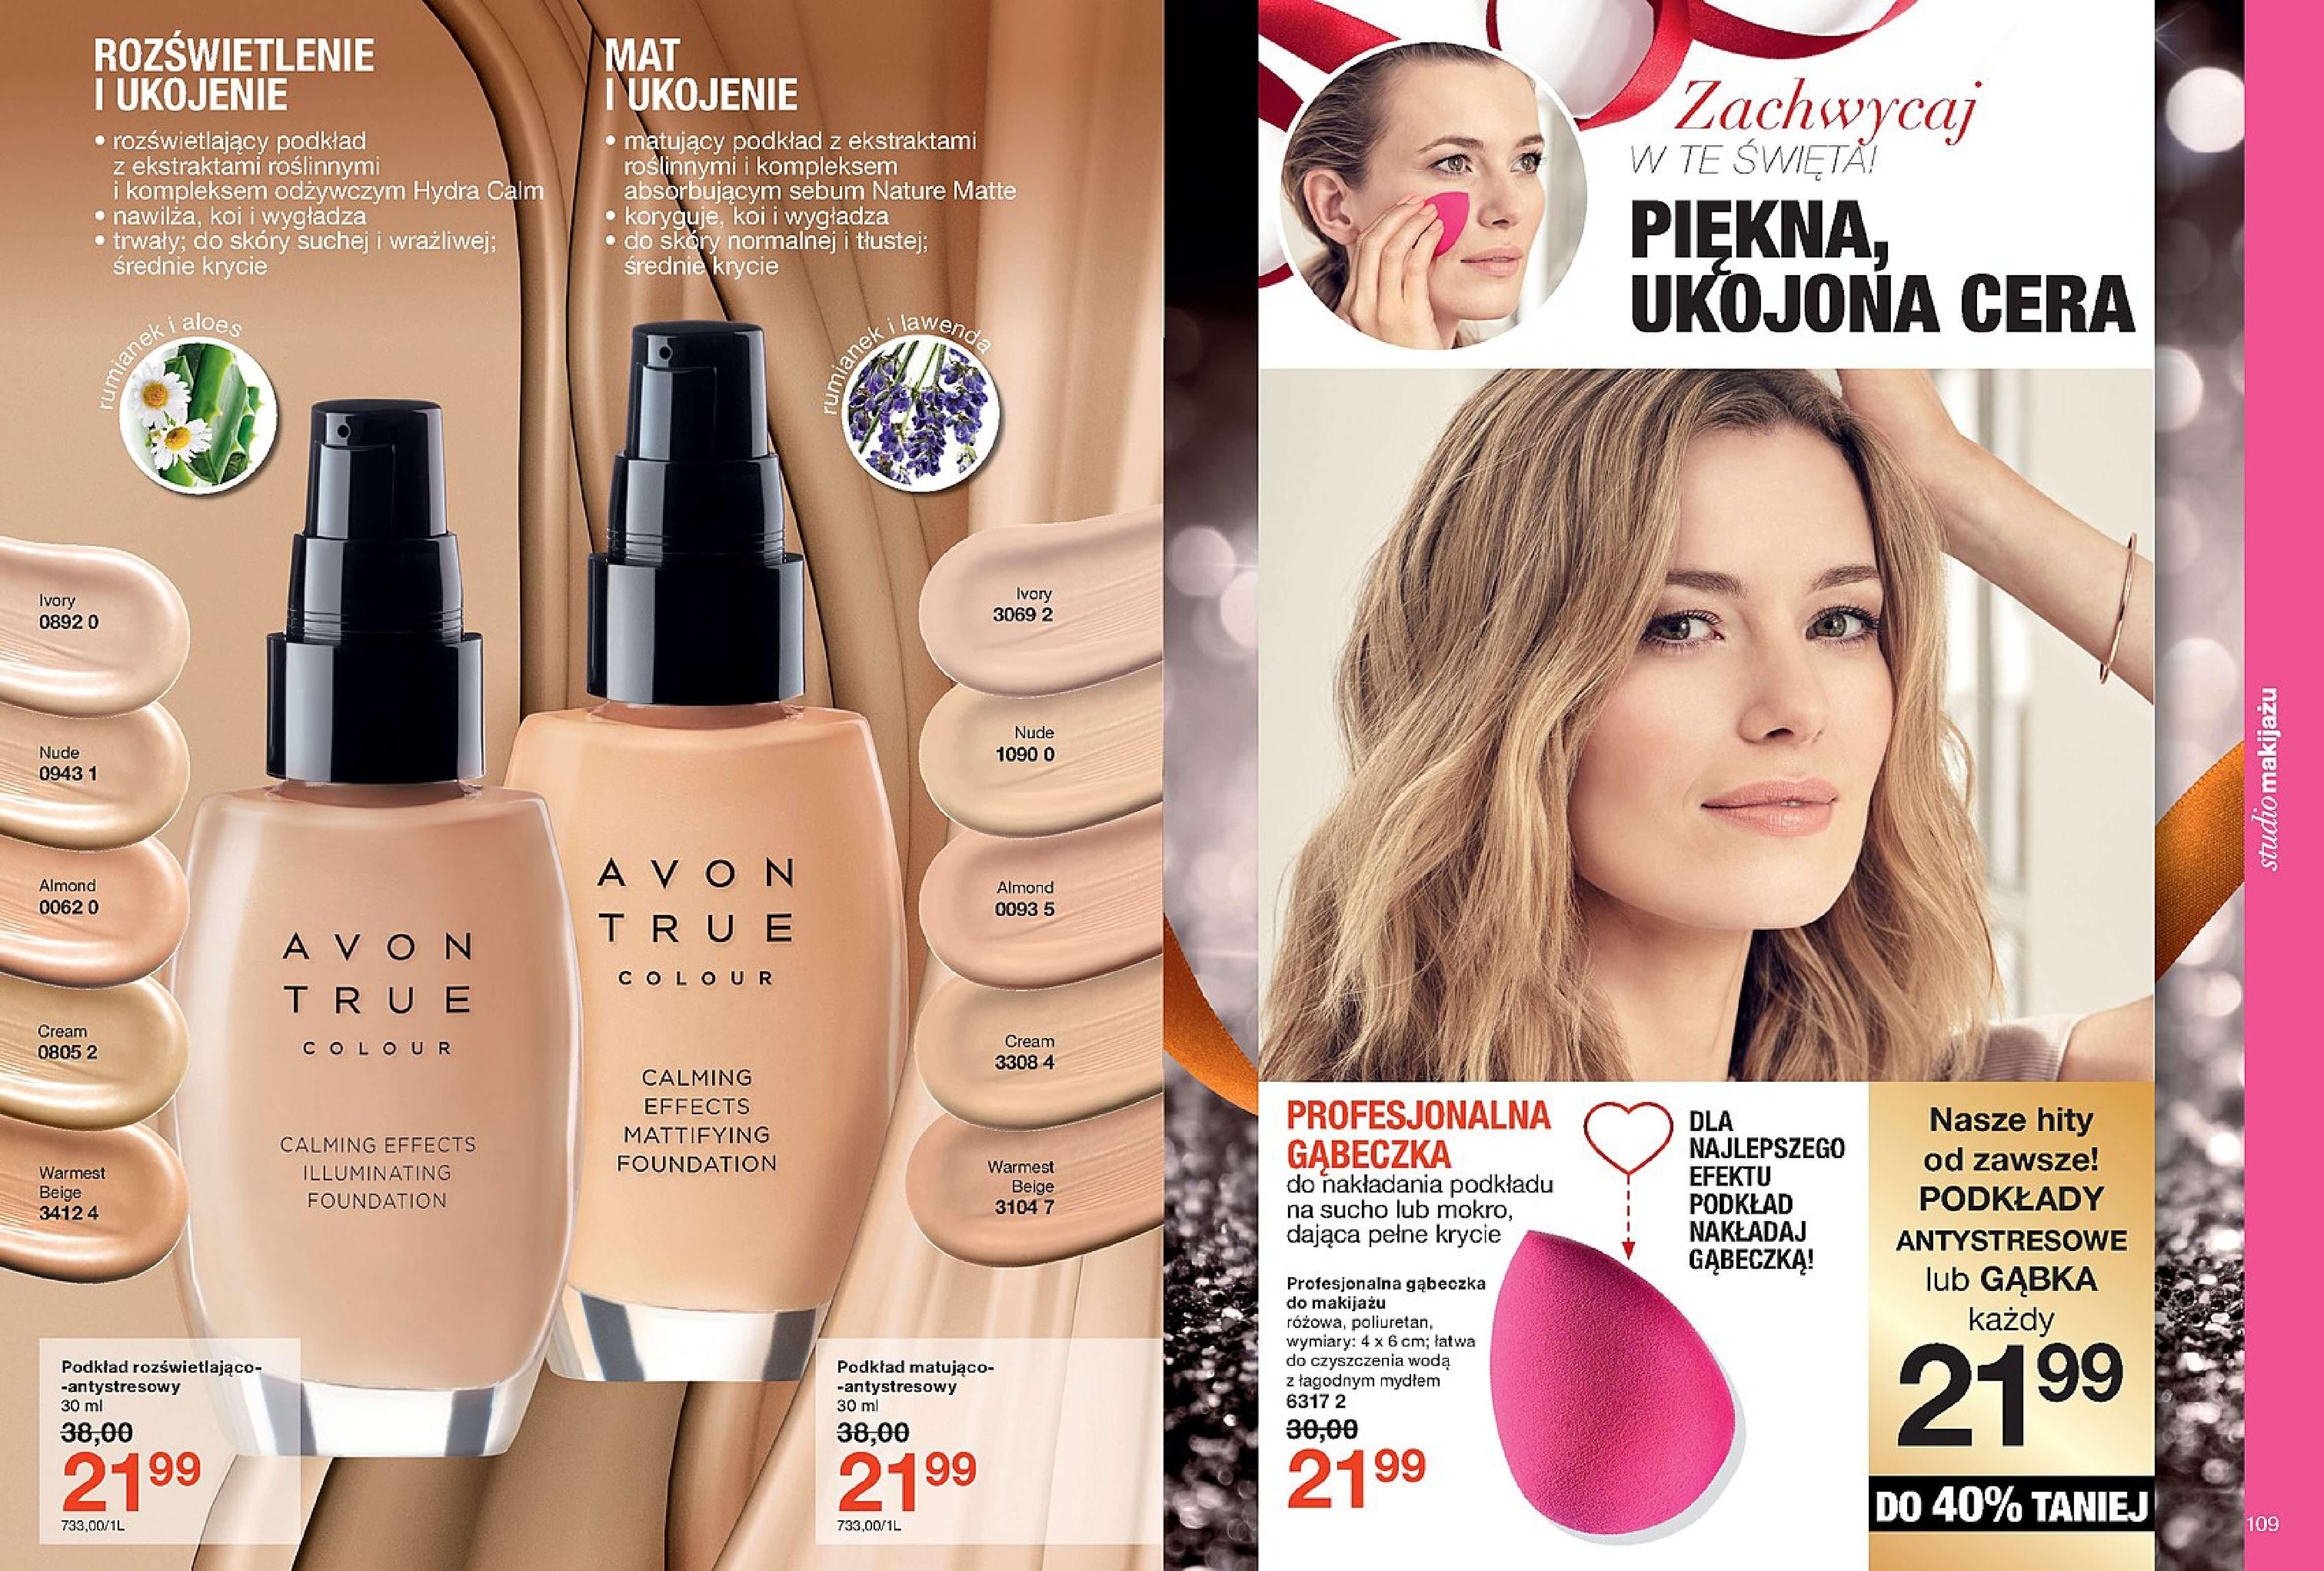 Gazetka Avon - Katalog 17/2017 Gwiazdka-29.11.2017-27.12.2017-page-55